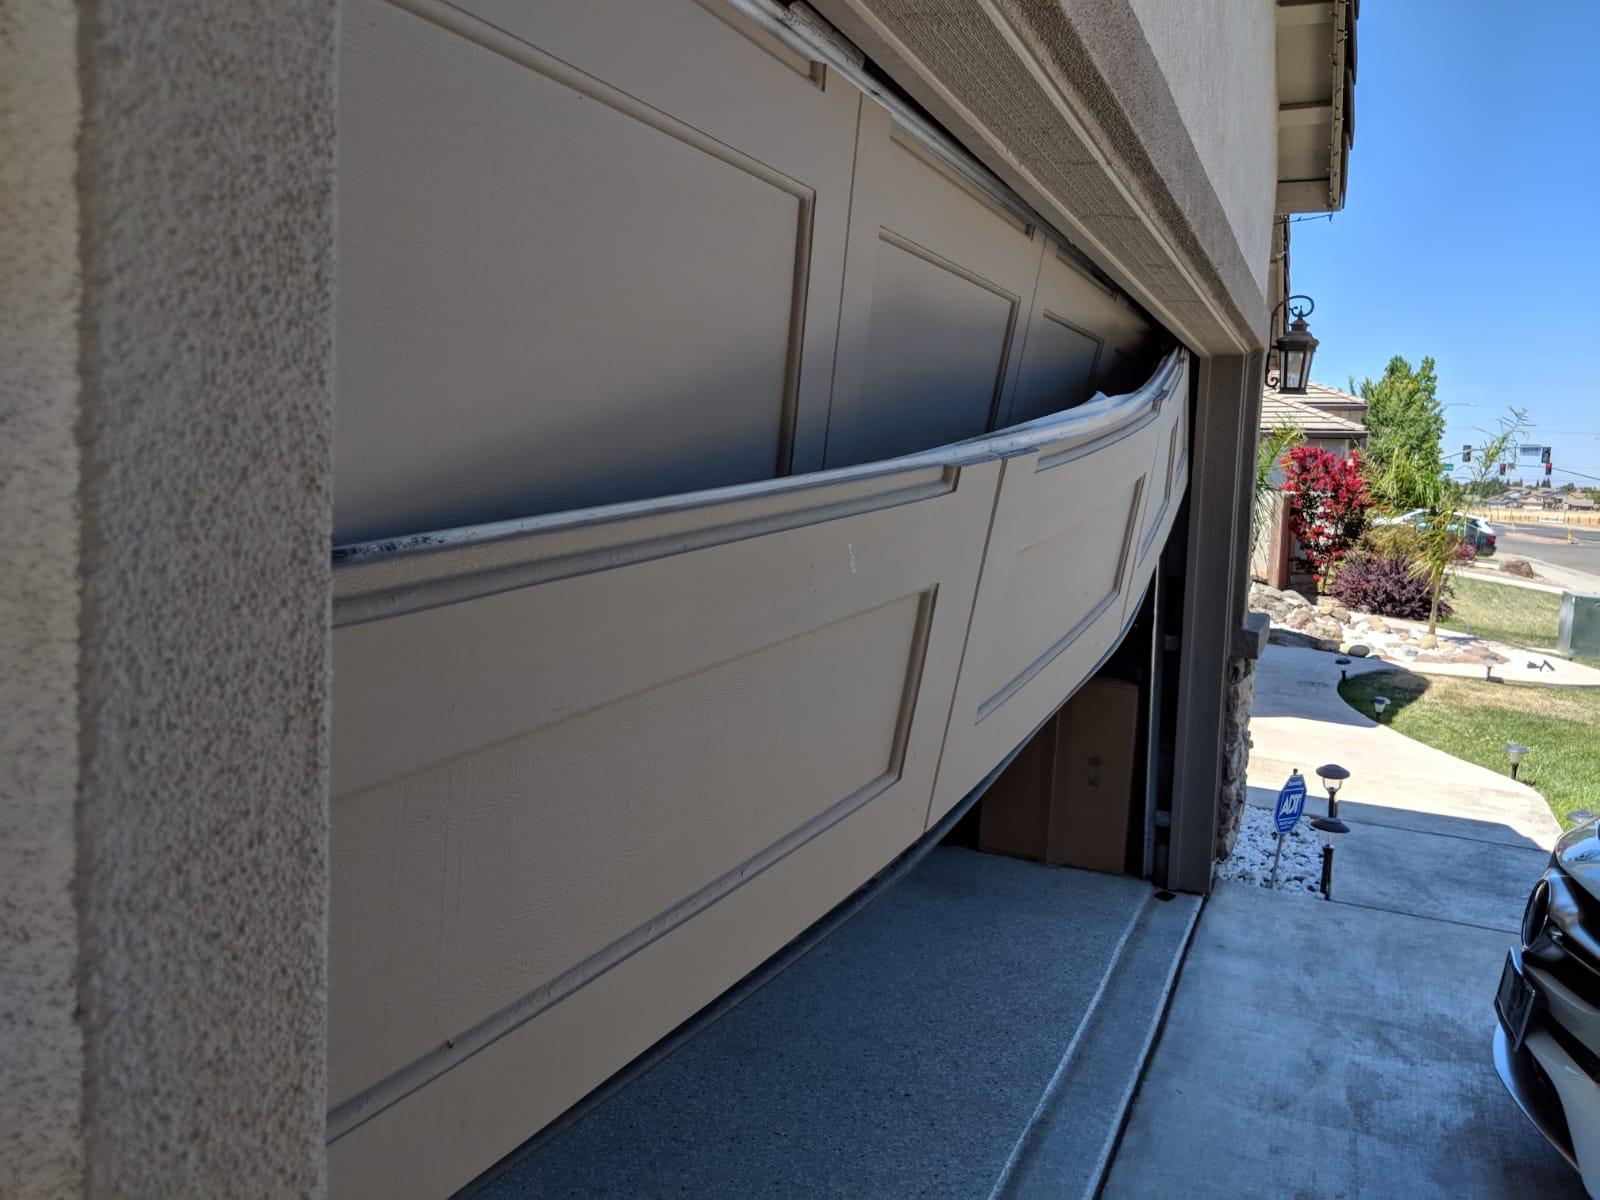 GR8 Garage Door image 77